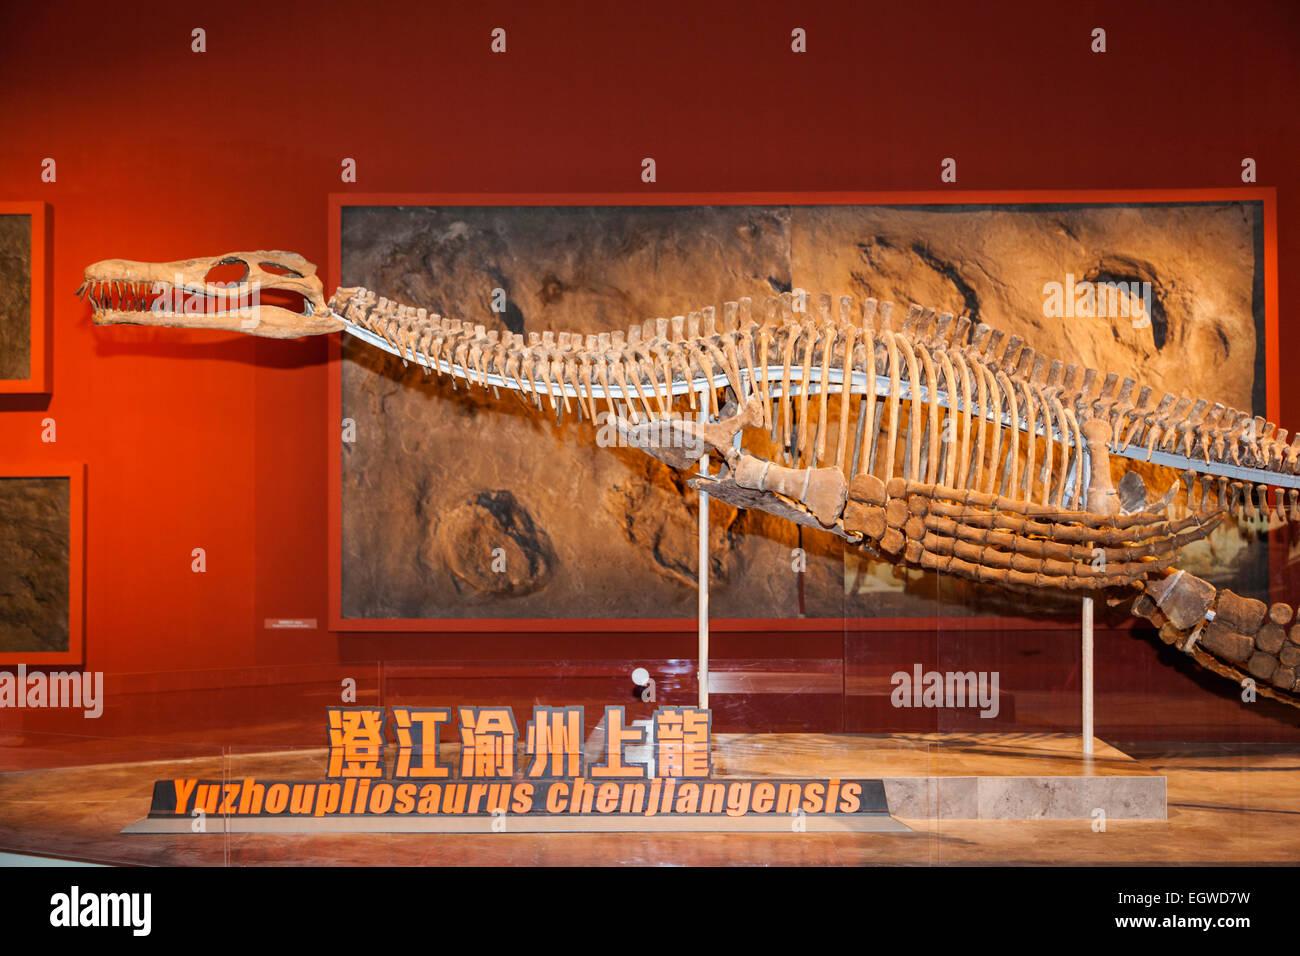 China, Skeleton of Yuzhoupllosaurus Chenjianensis - Stock Image